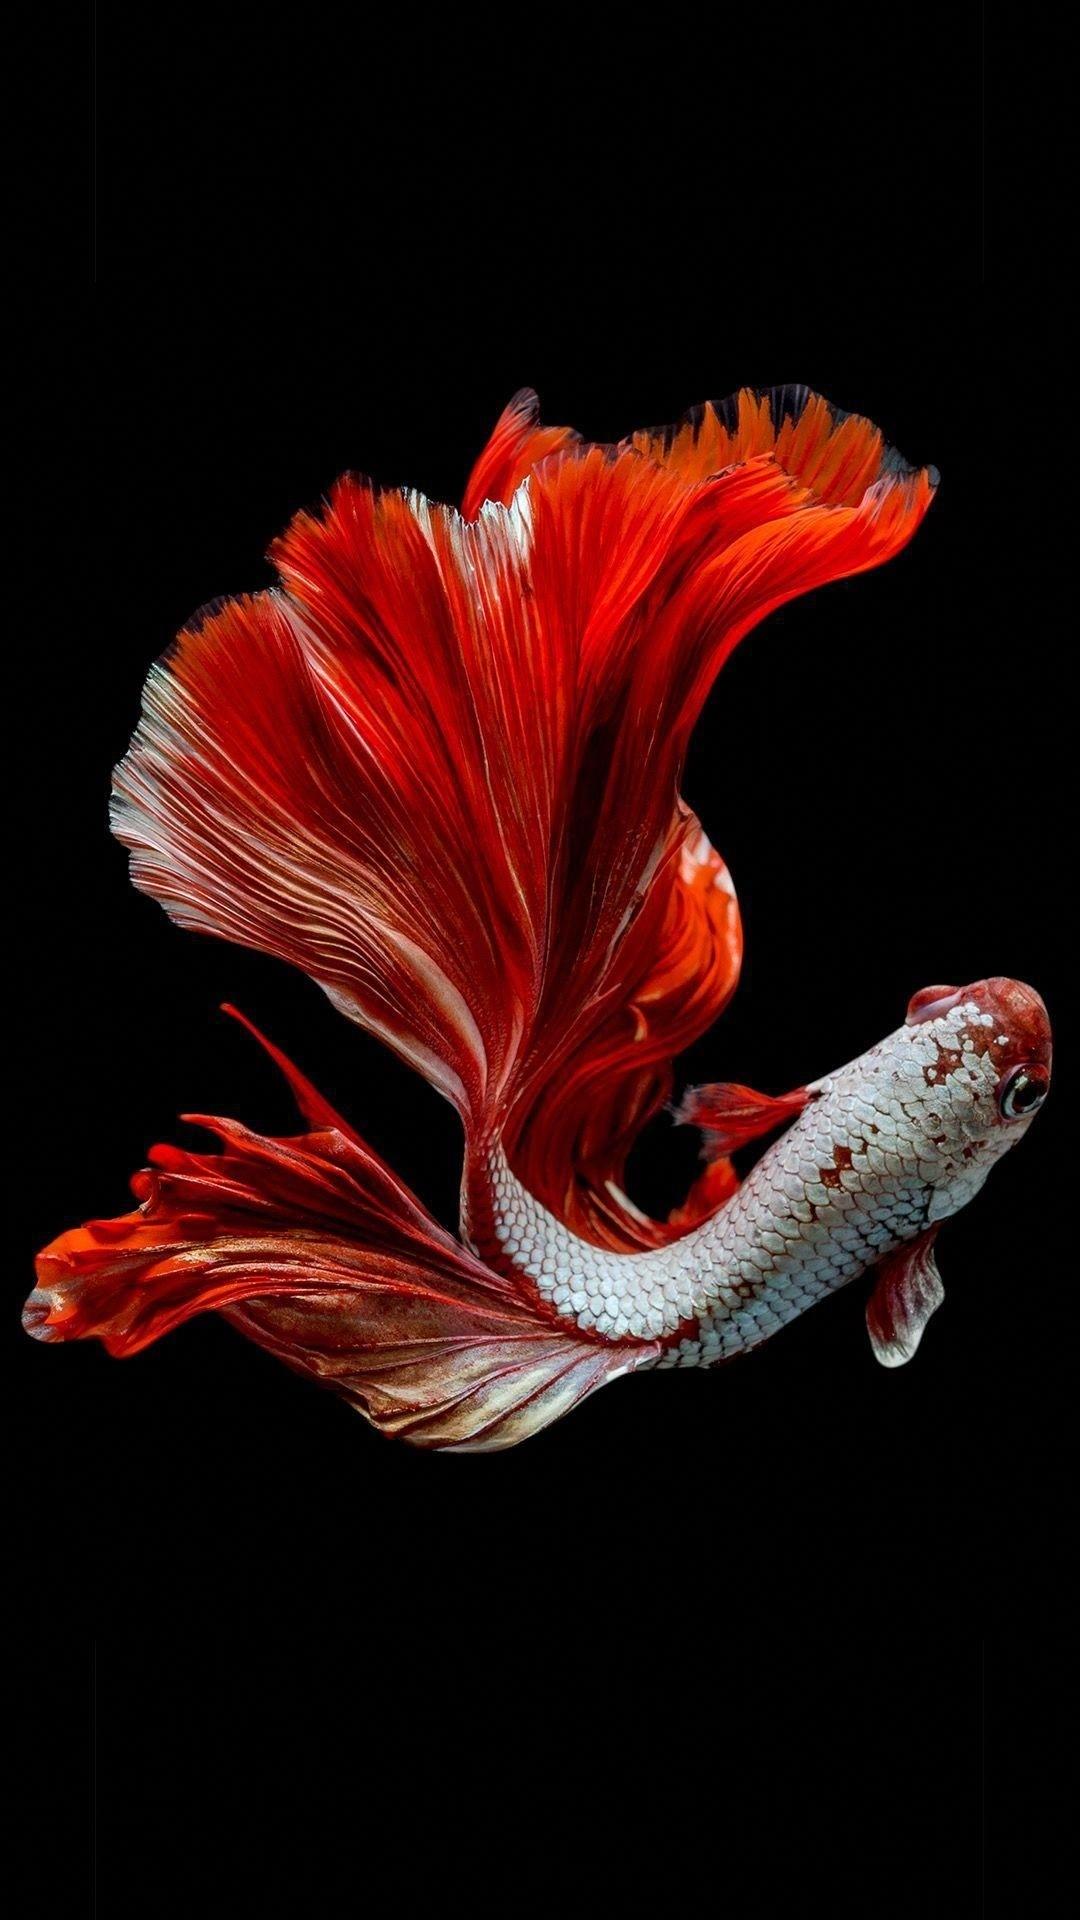 Koi Fish phone wallpaper hd